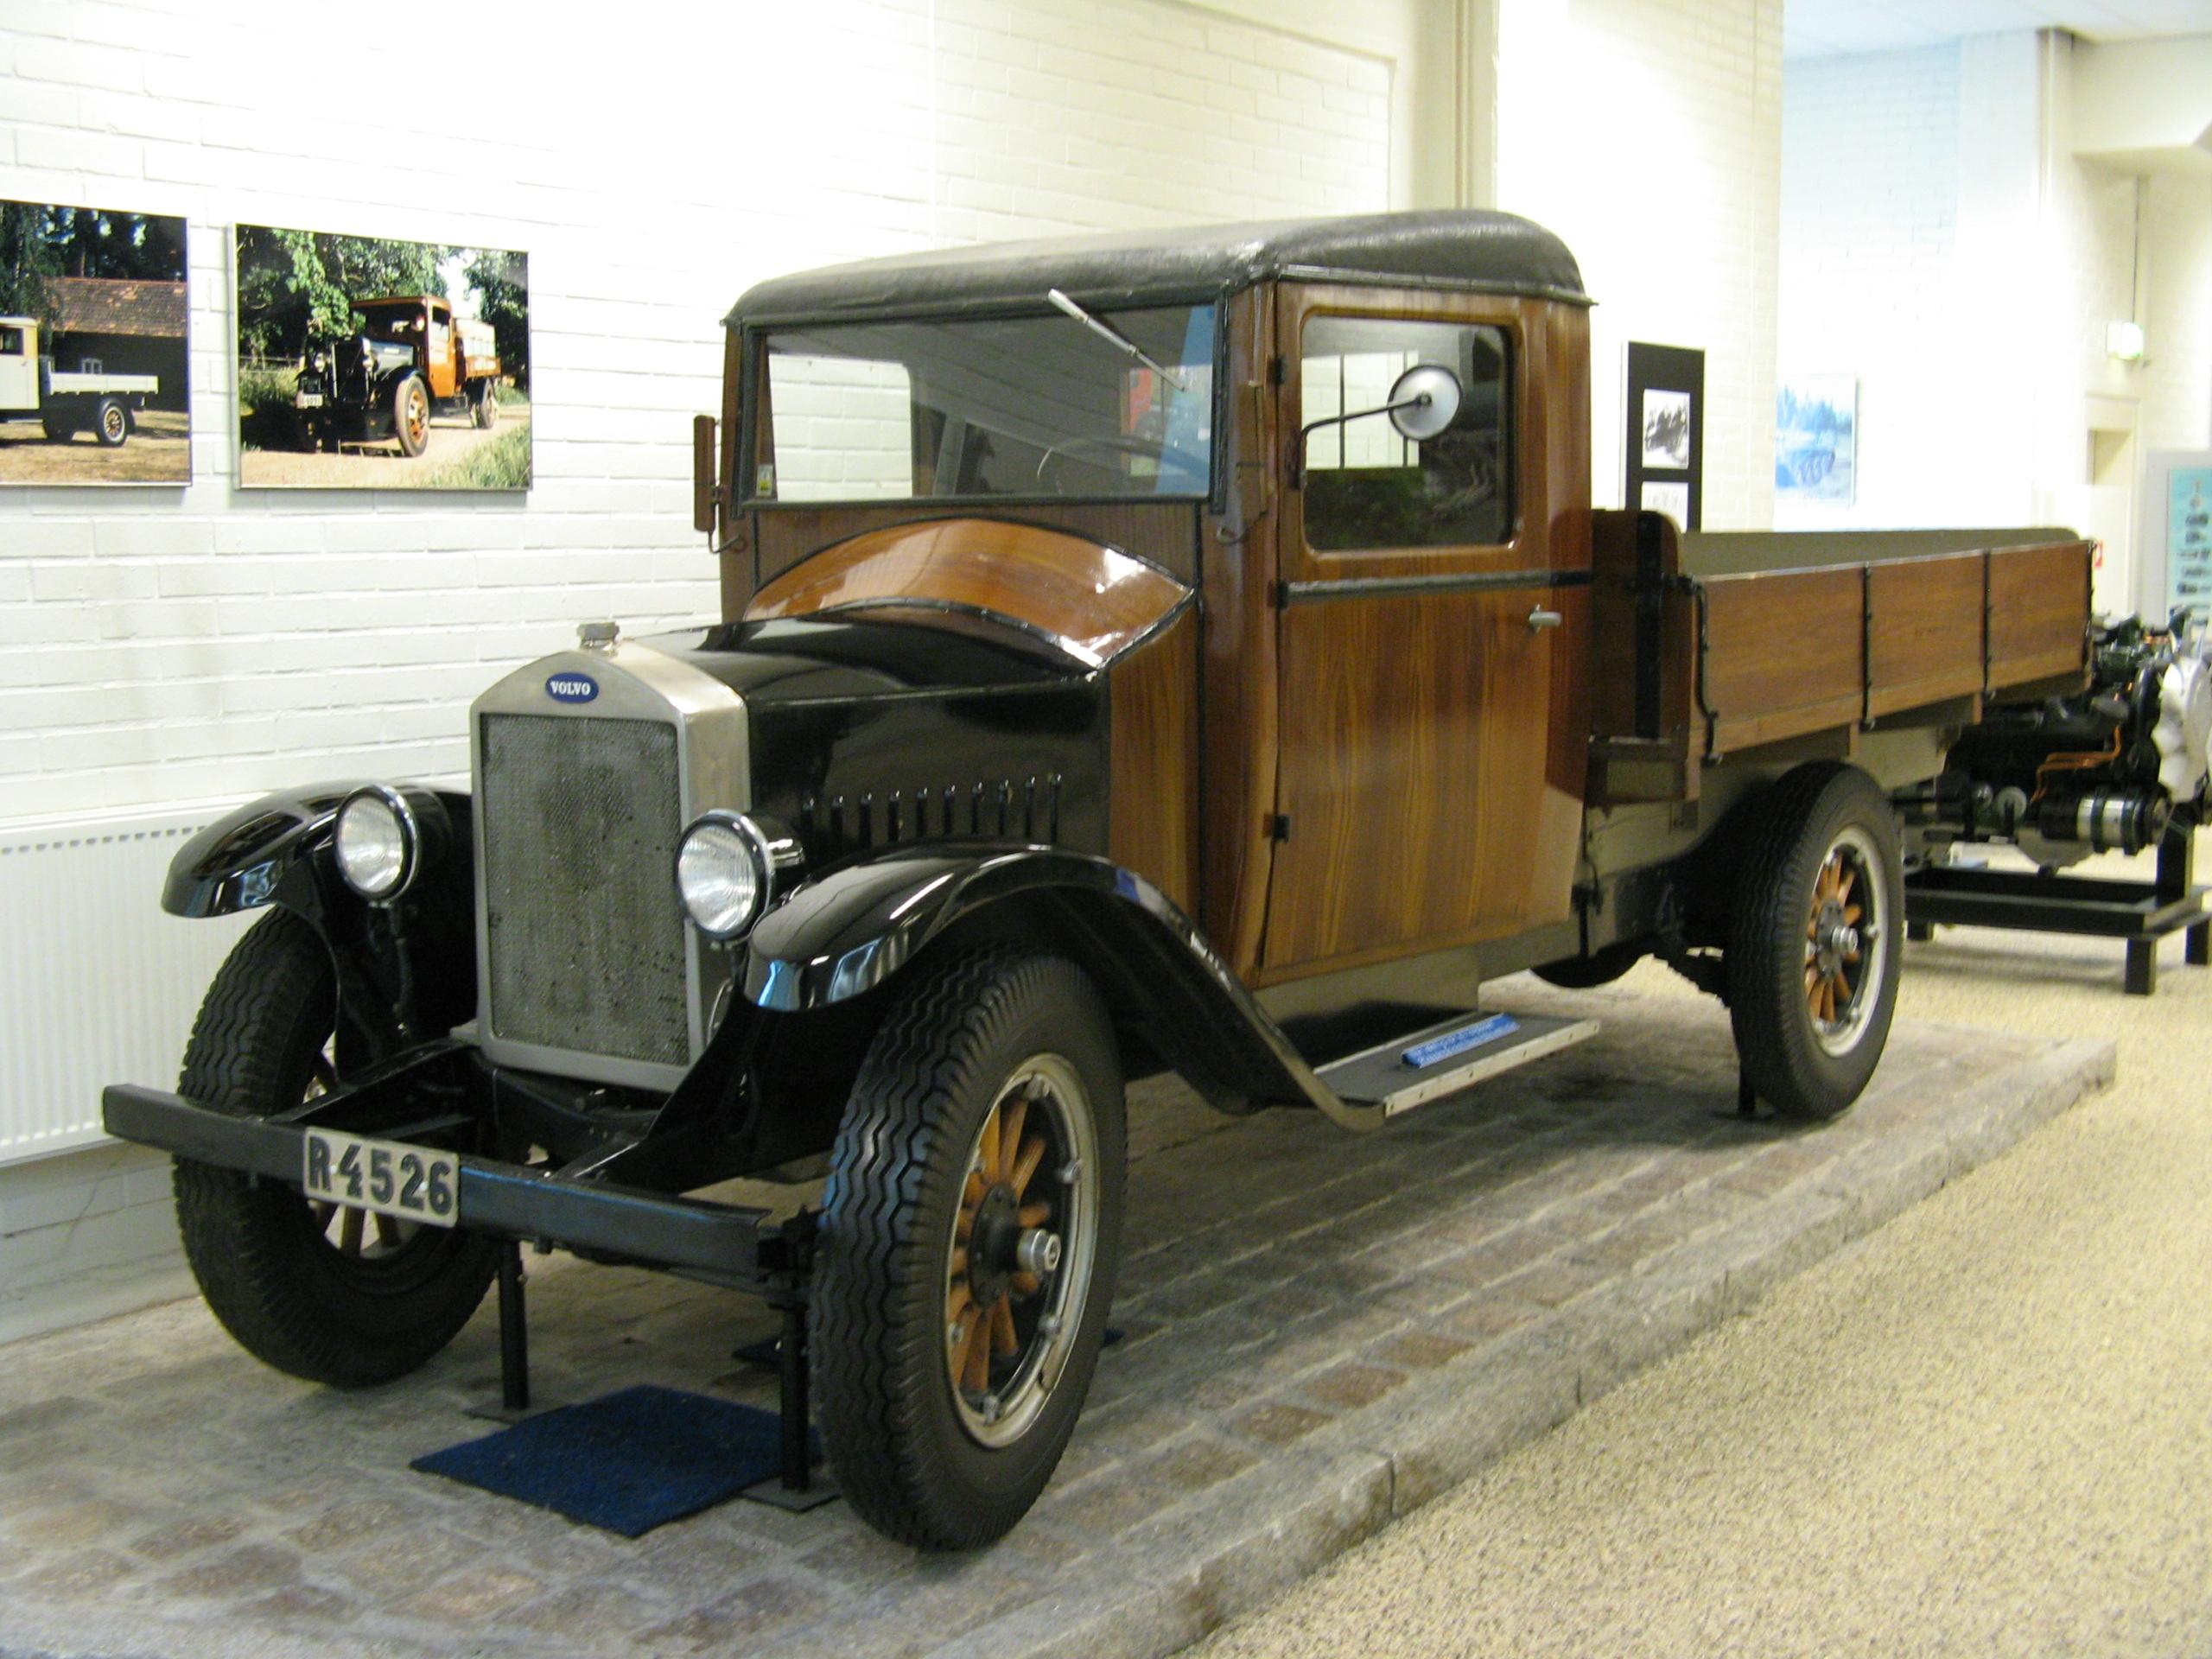 Грузовики Volvo c деревянной кабиной распродали за полгода